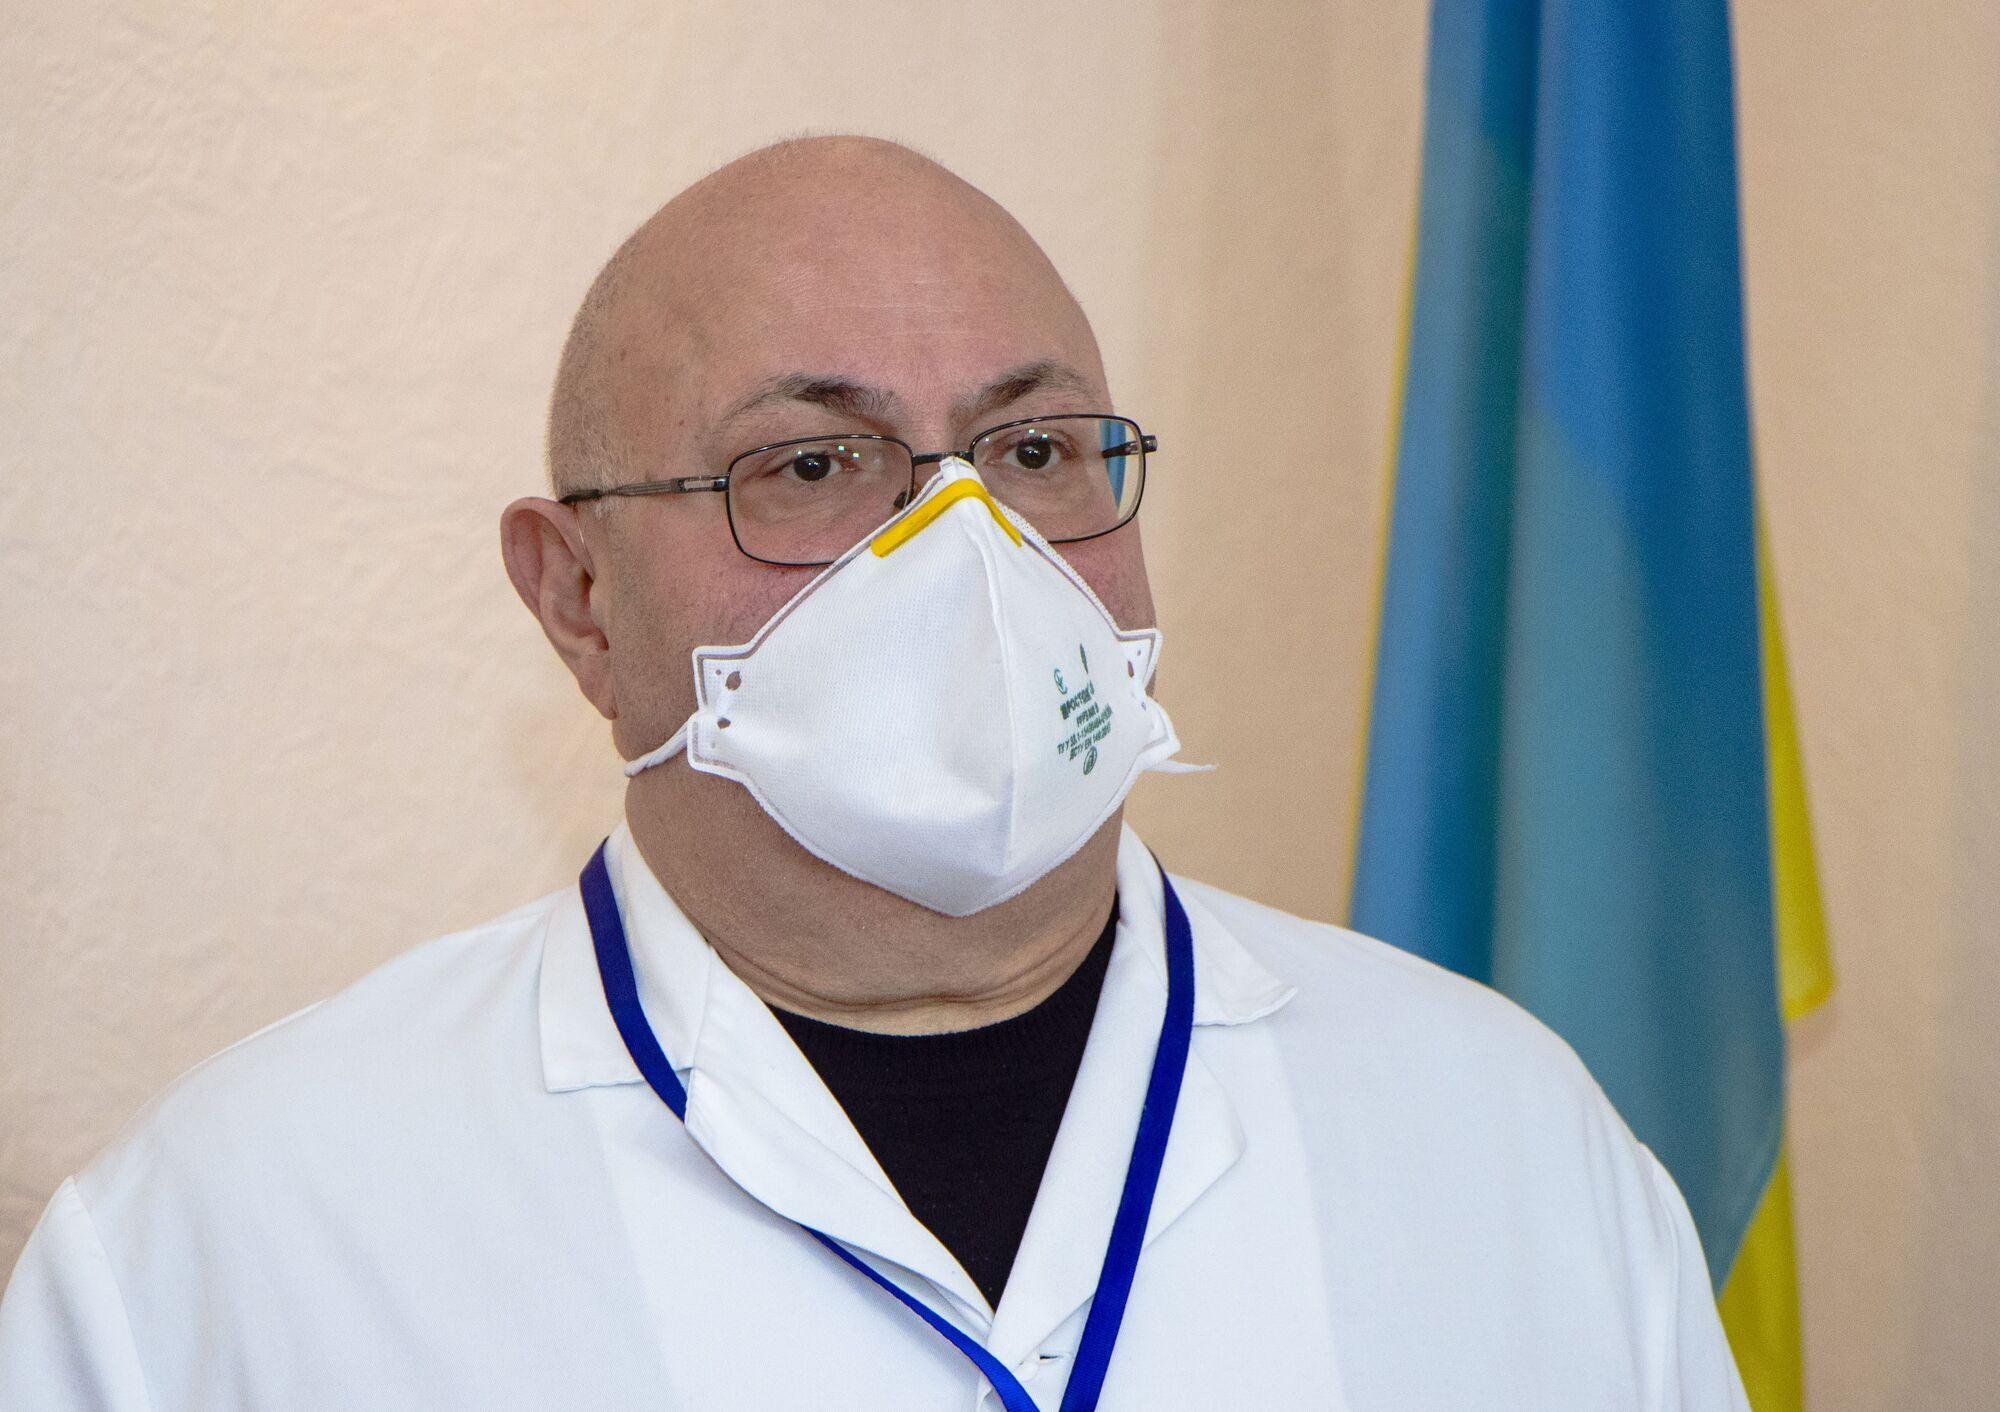 Генеральный директор городской клинической больницы №16 Олег Хасилев считает присоединение медучреждений вполне логичным шагом